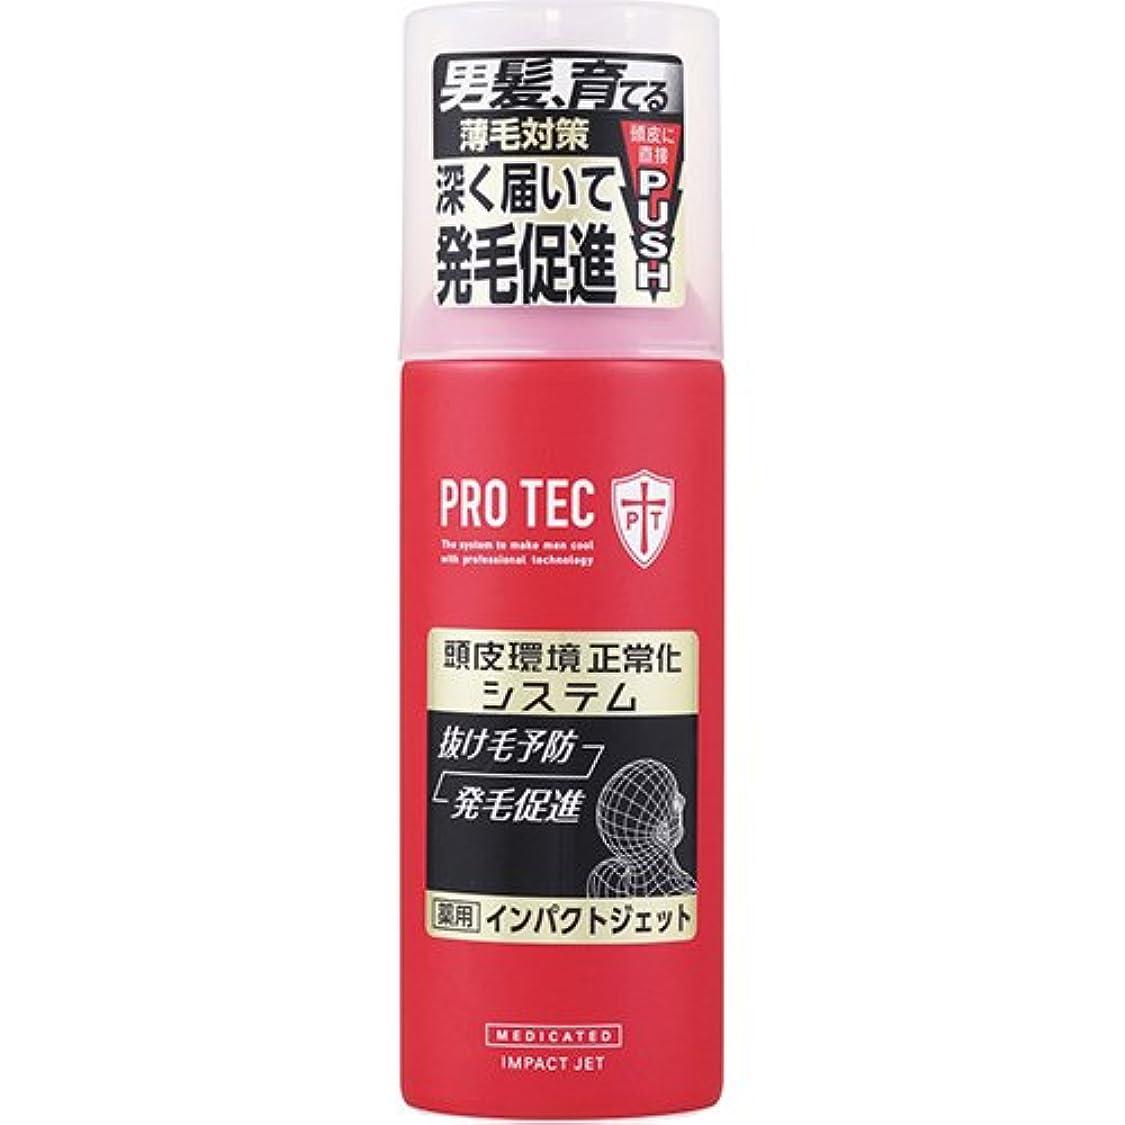 PRO TEC インパクトジェット 150g